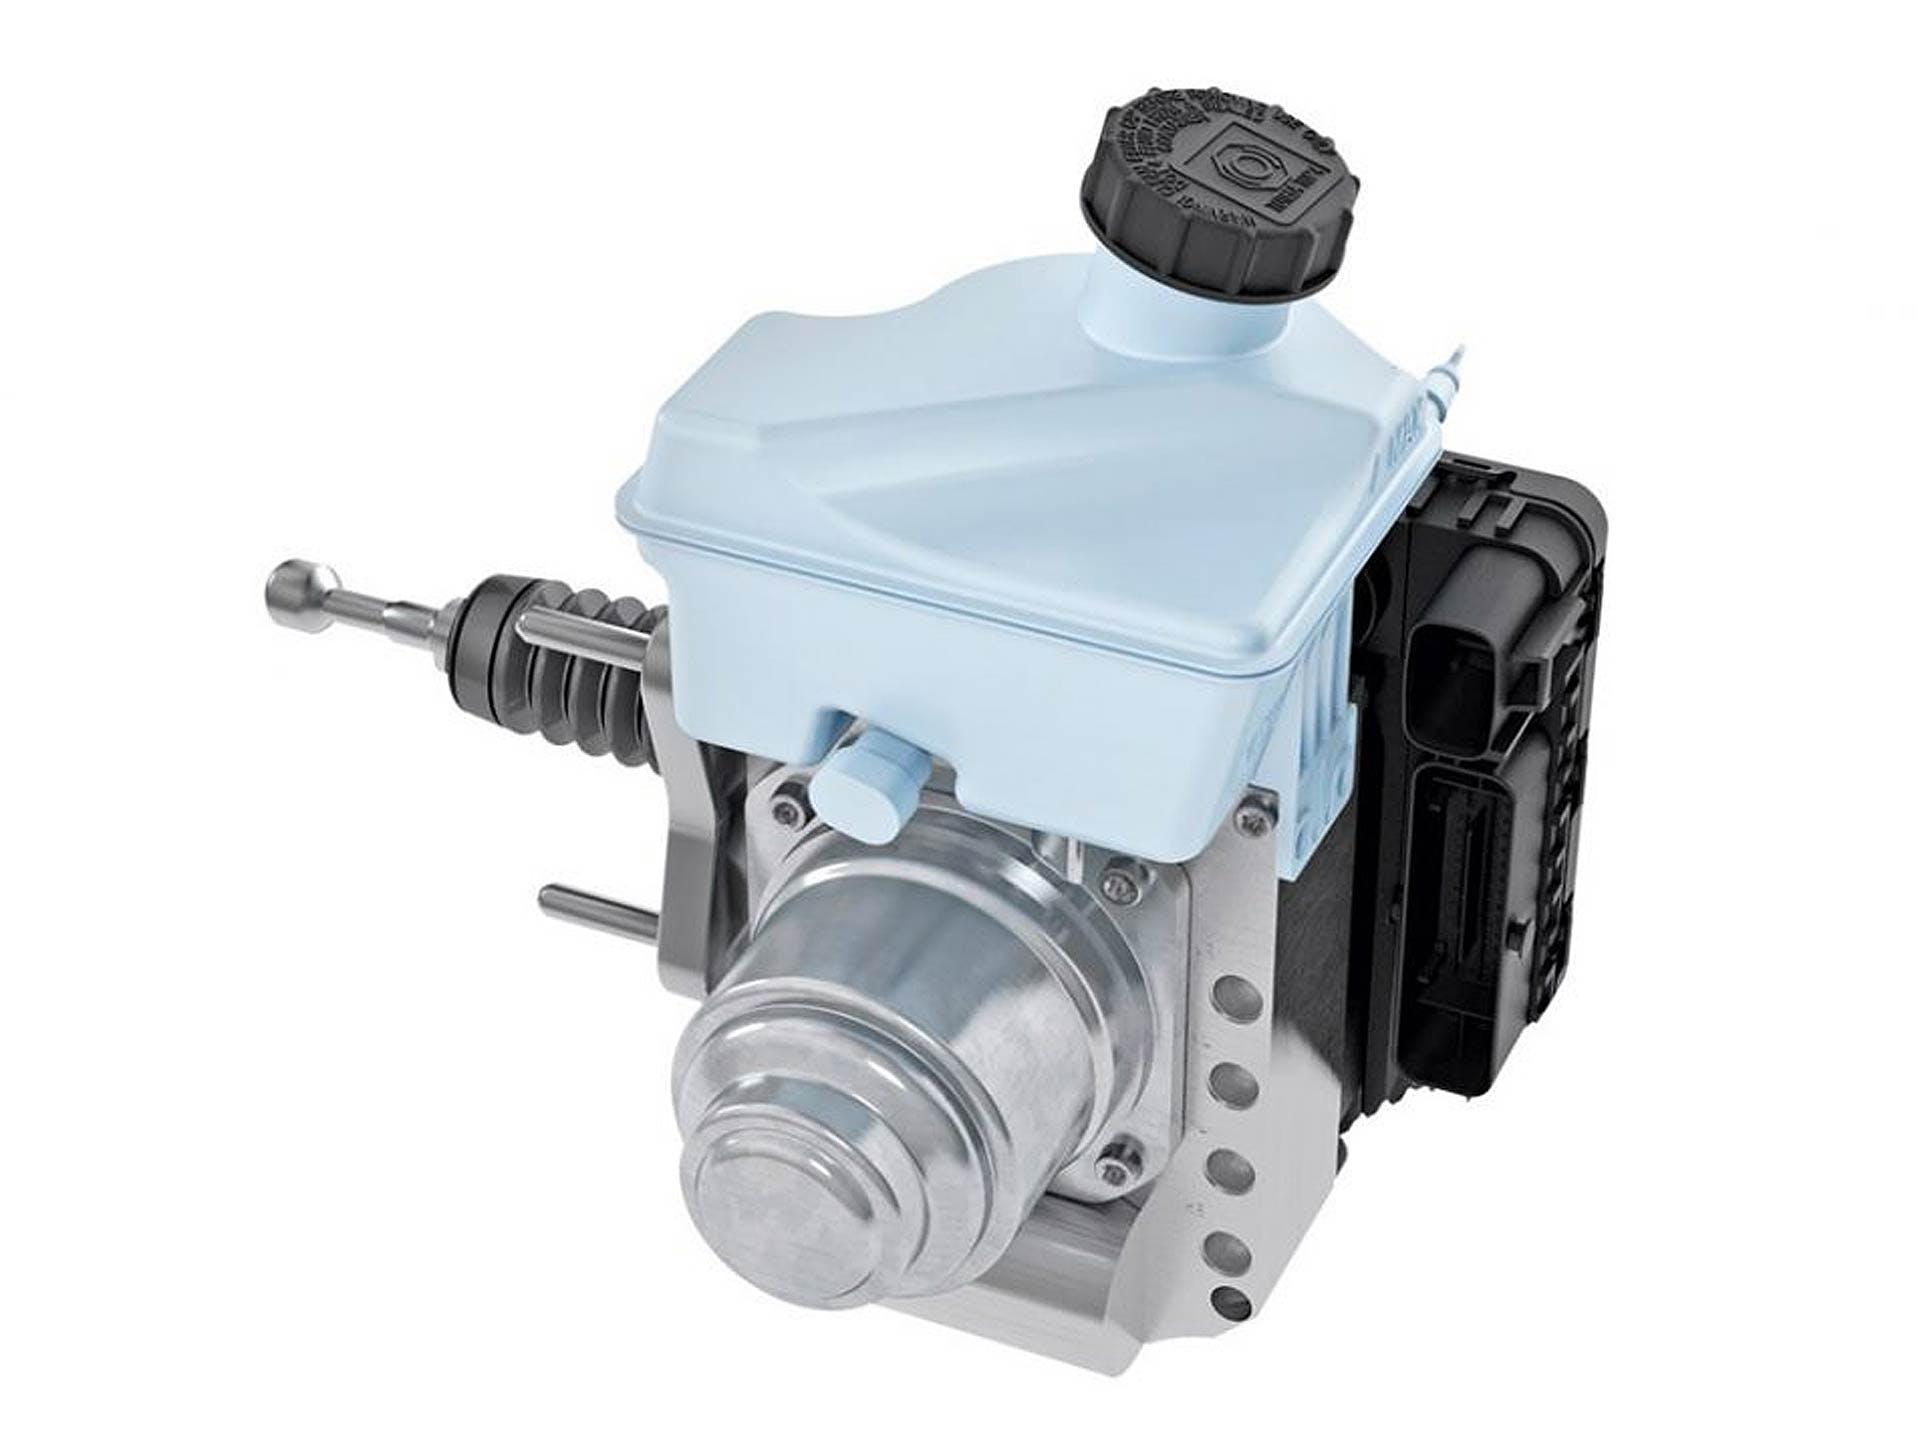 Il cuore del sistema frenante IBS Alfa Romeo: sistema Continental MKC1